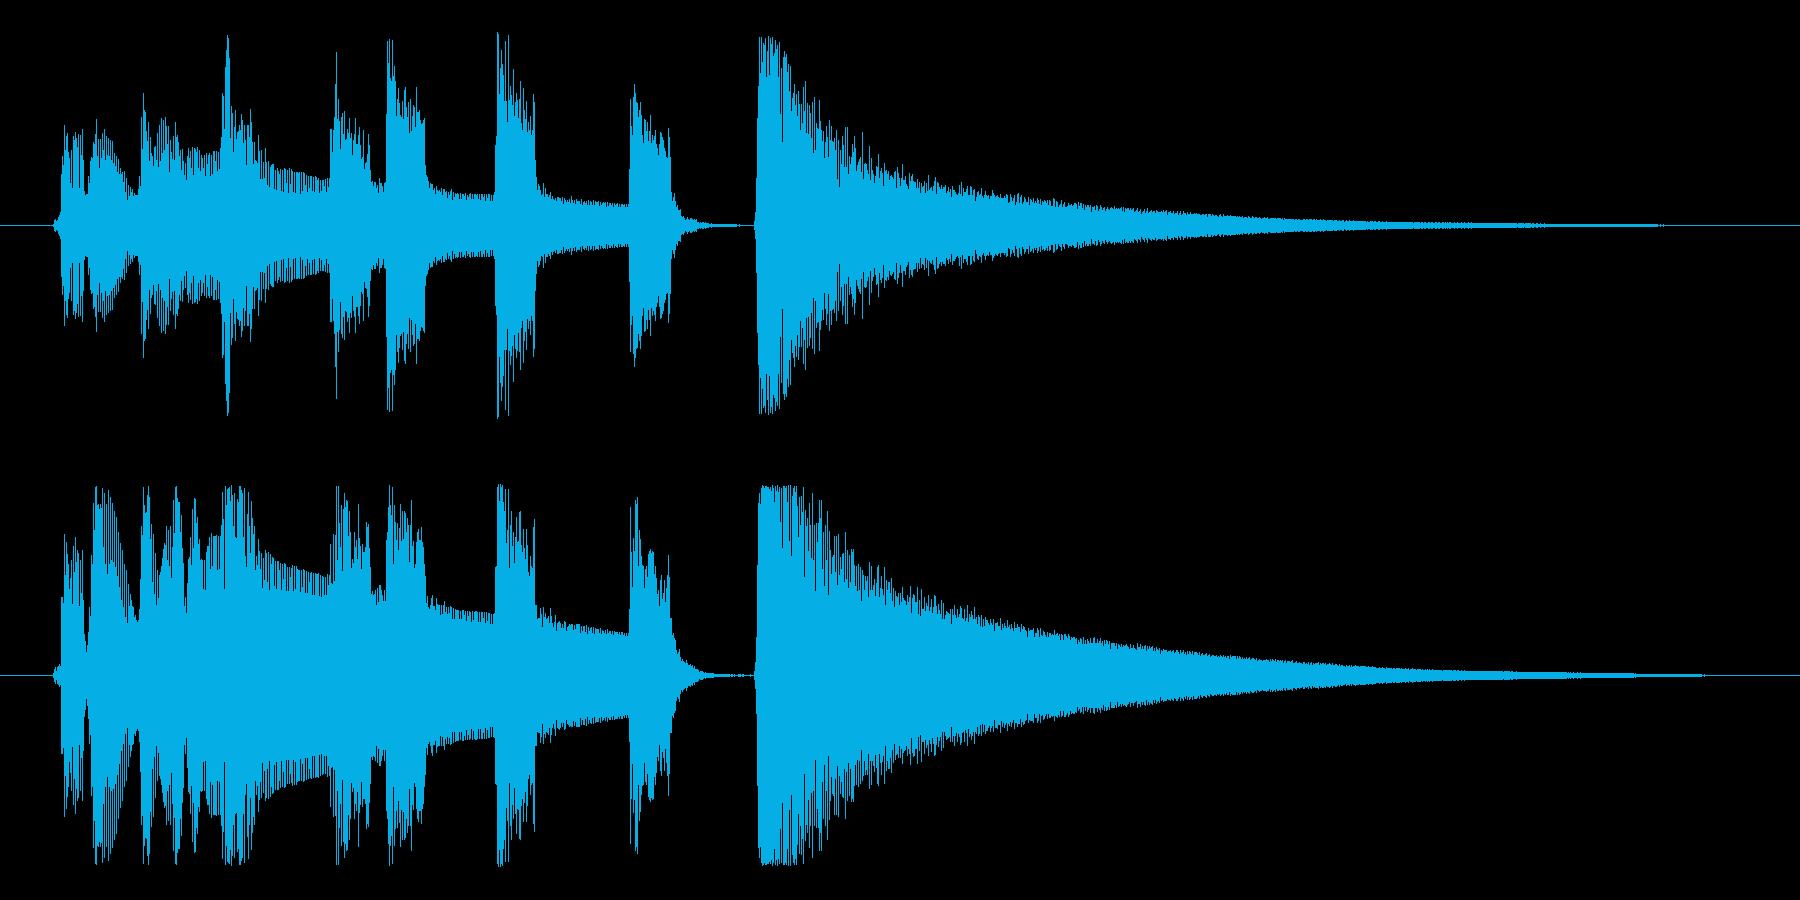 【プライベートタイム1】の再生済みの波形